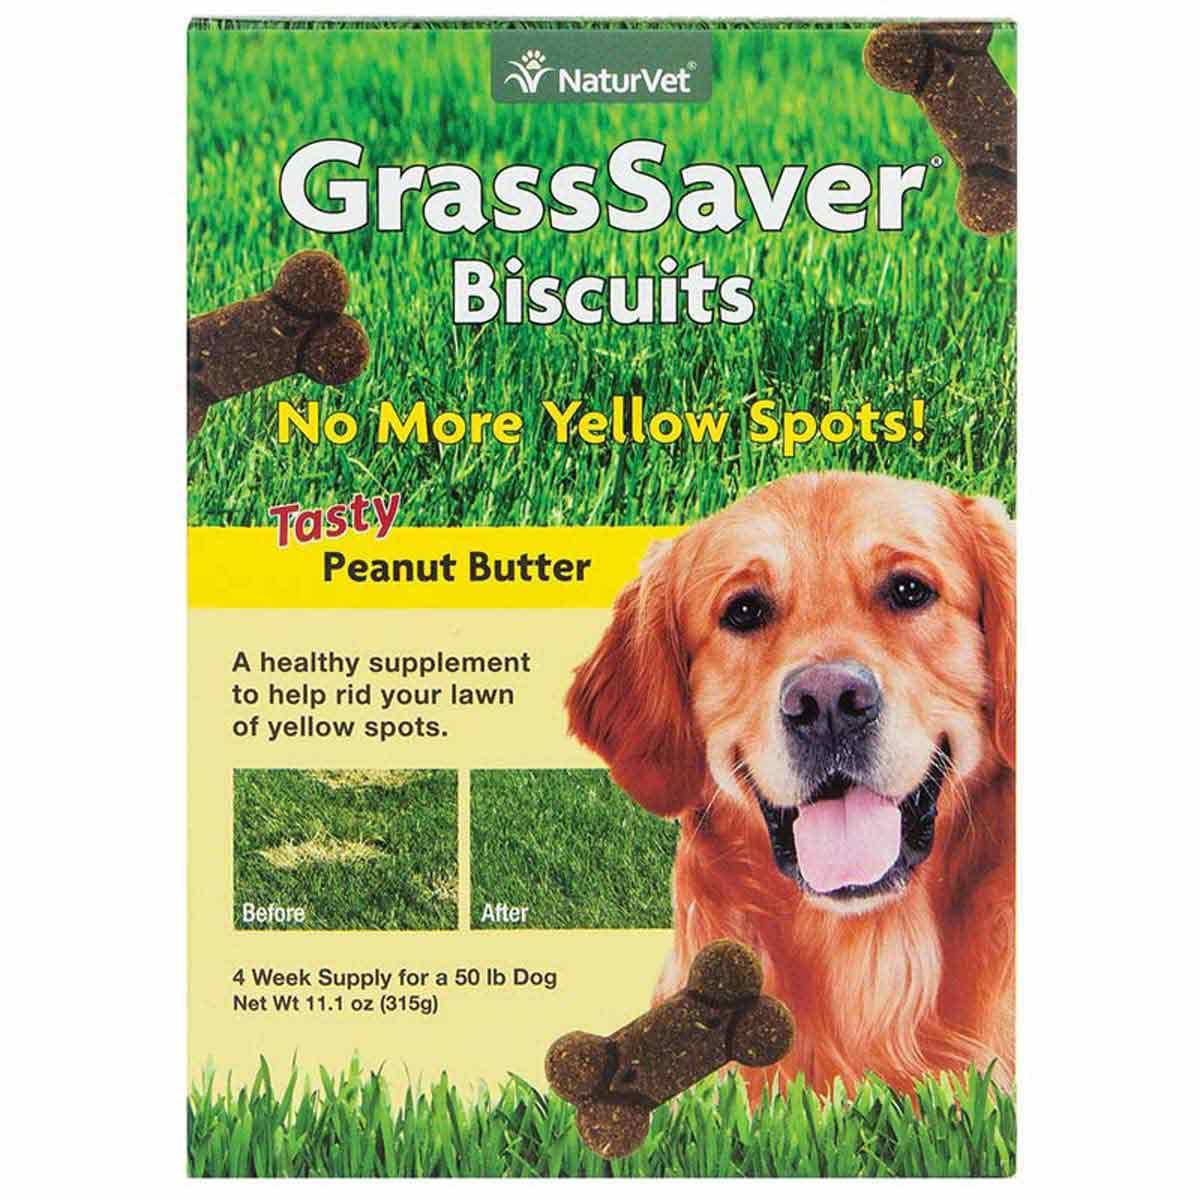 NaturVet GrassSaver Biscuits for Dogs - Peanut Butter Flavor 11.1 oz